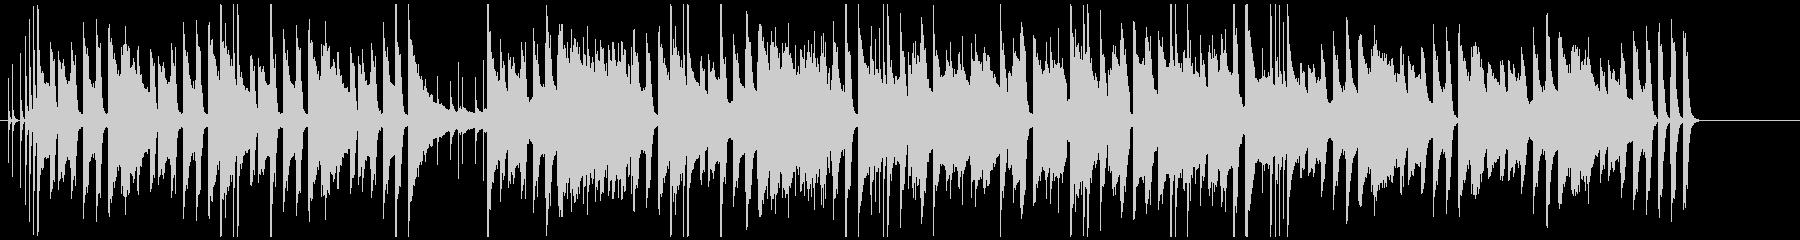 ほのぼのとしたピアノと木琴の会話シーン曲の未再生の波形